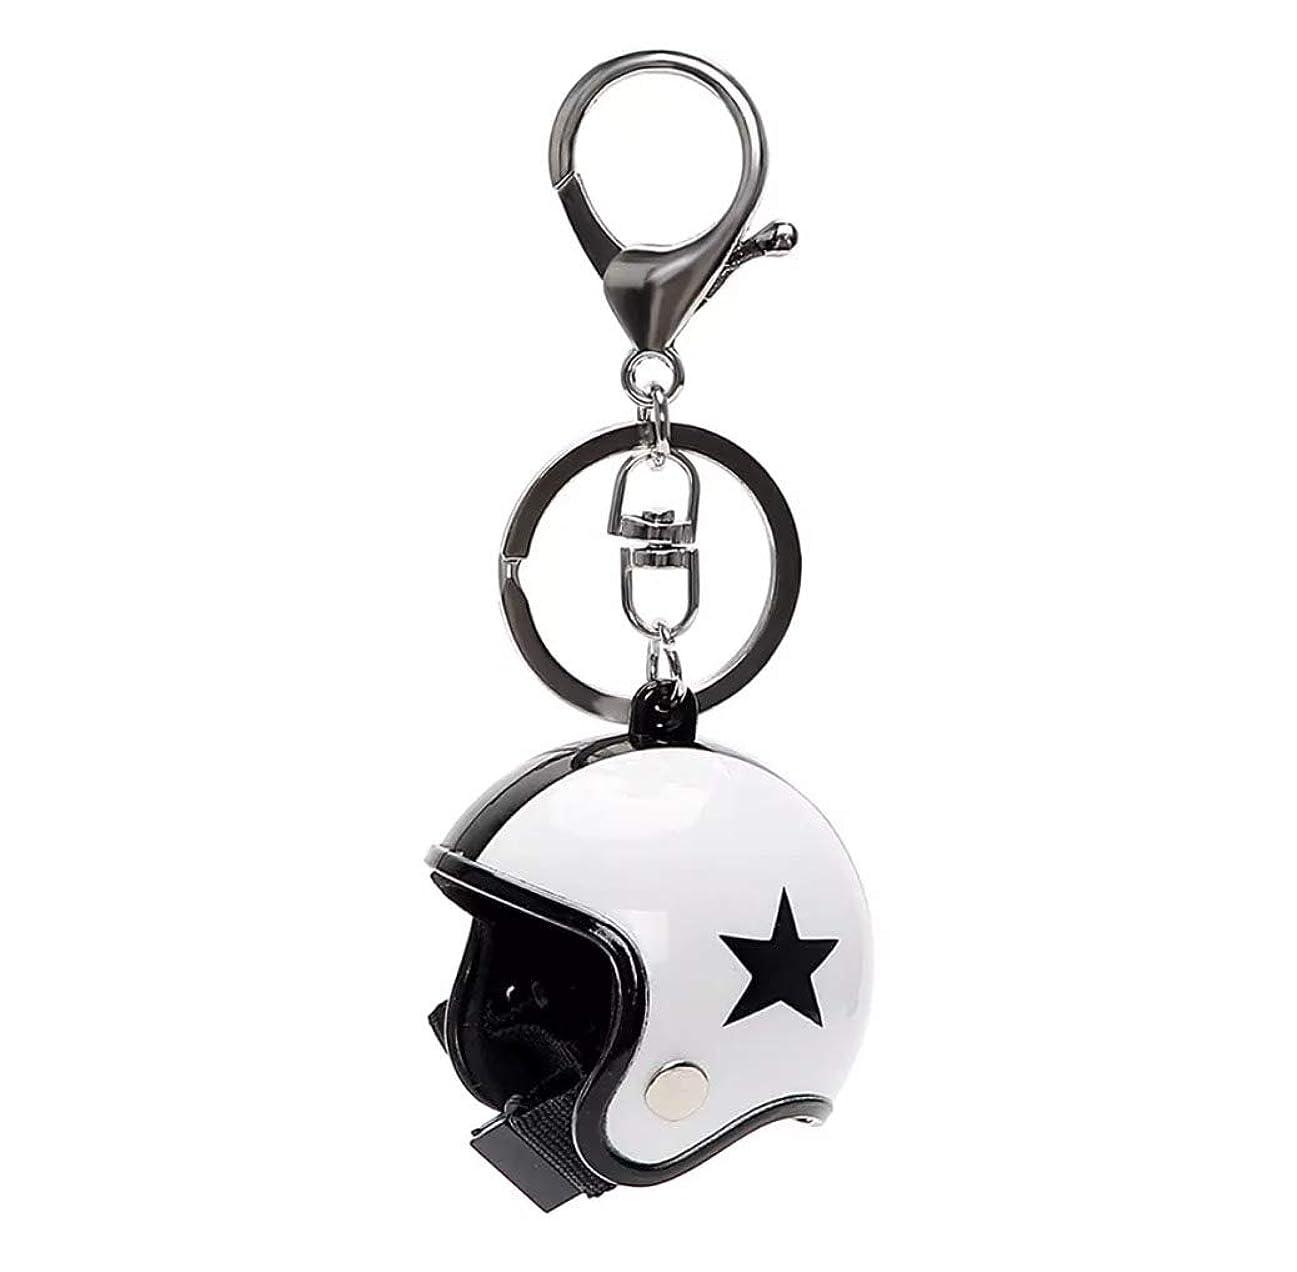 フルーツ感性禁じるバイク ミニ ヘルメット キーホルダー キーケース キーリング キーチェーン チャーム ホワイト